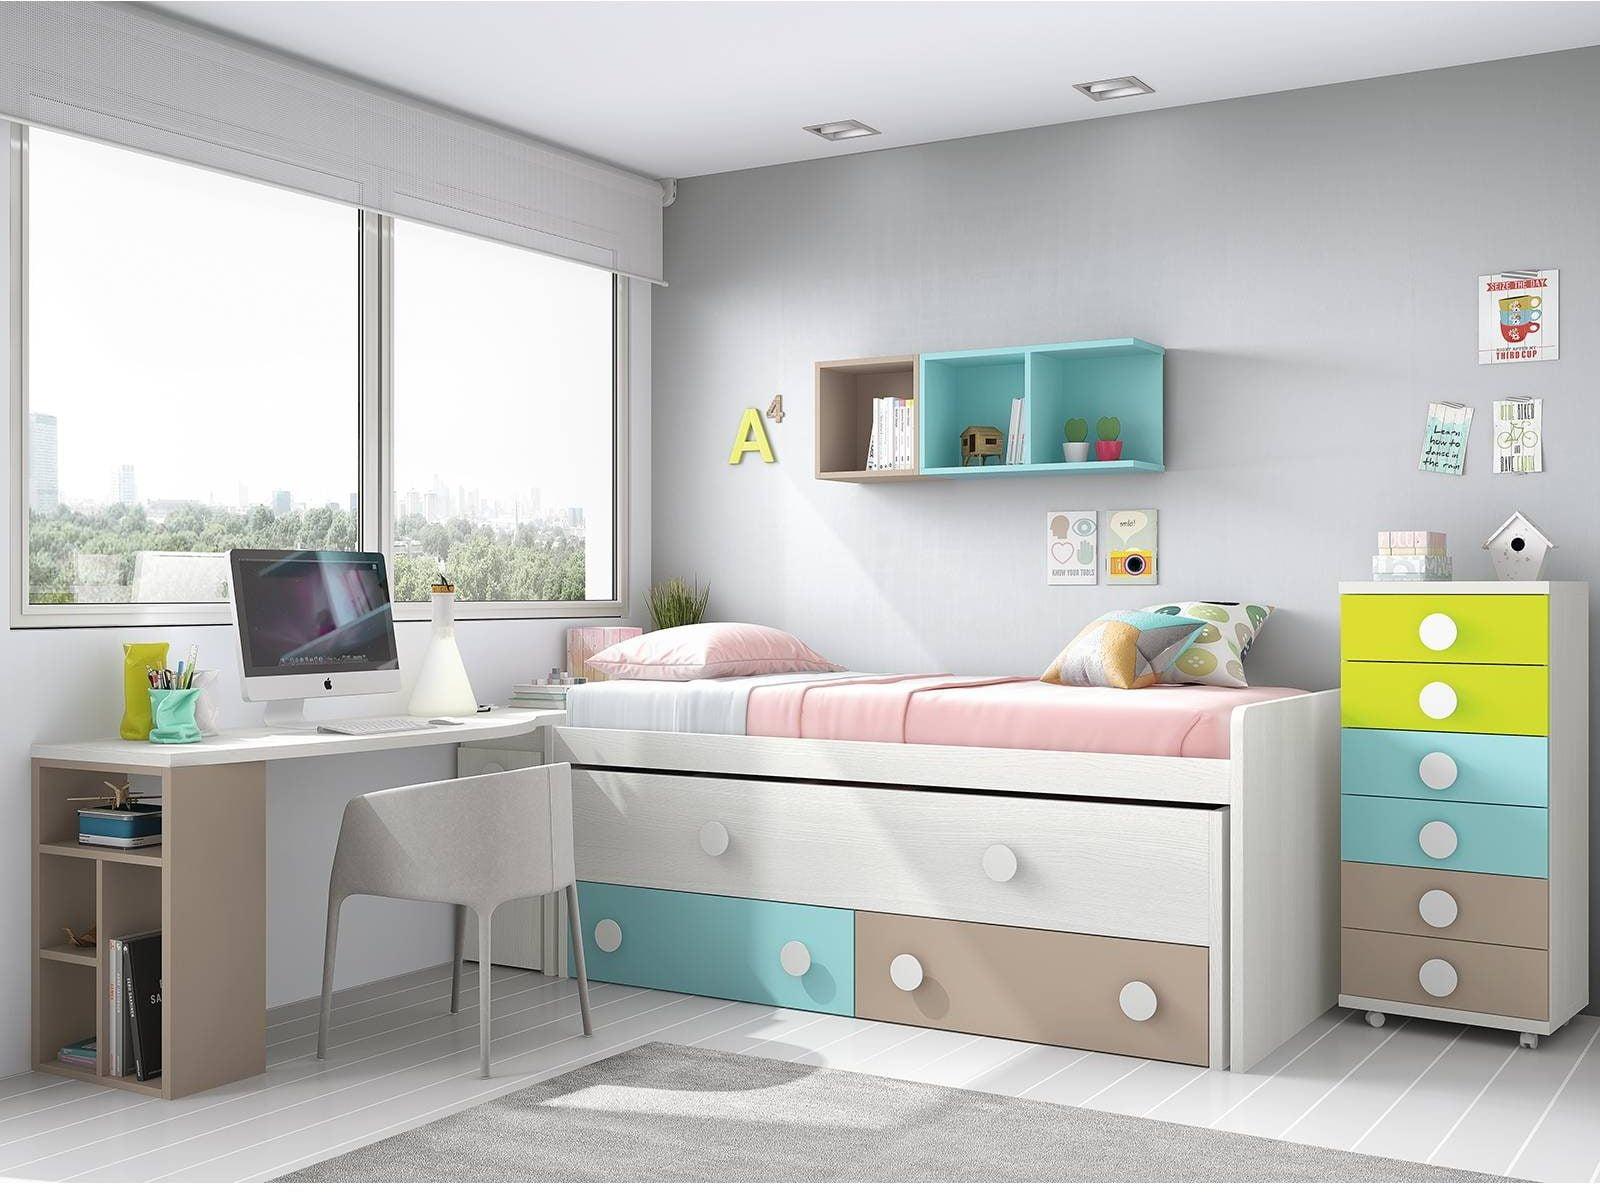 Los 5 mejores dormitorios juveniles con cama nido en for Muebles juveniles merkamueble